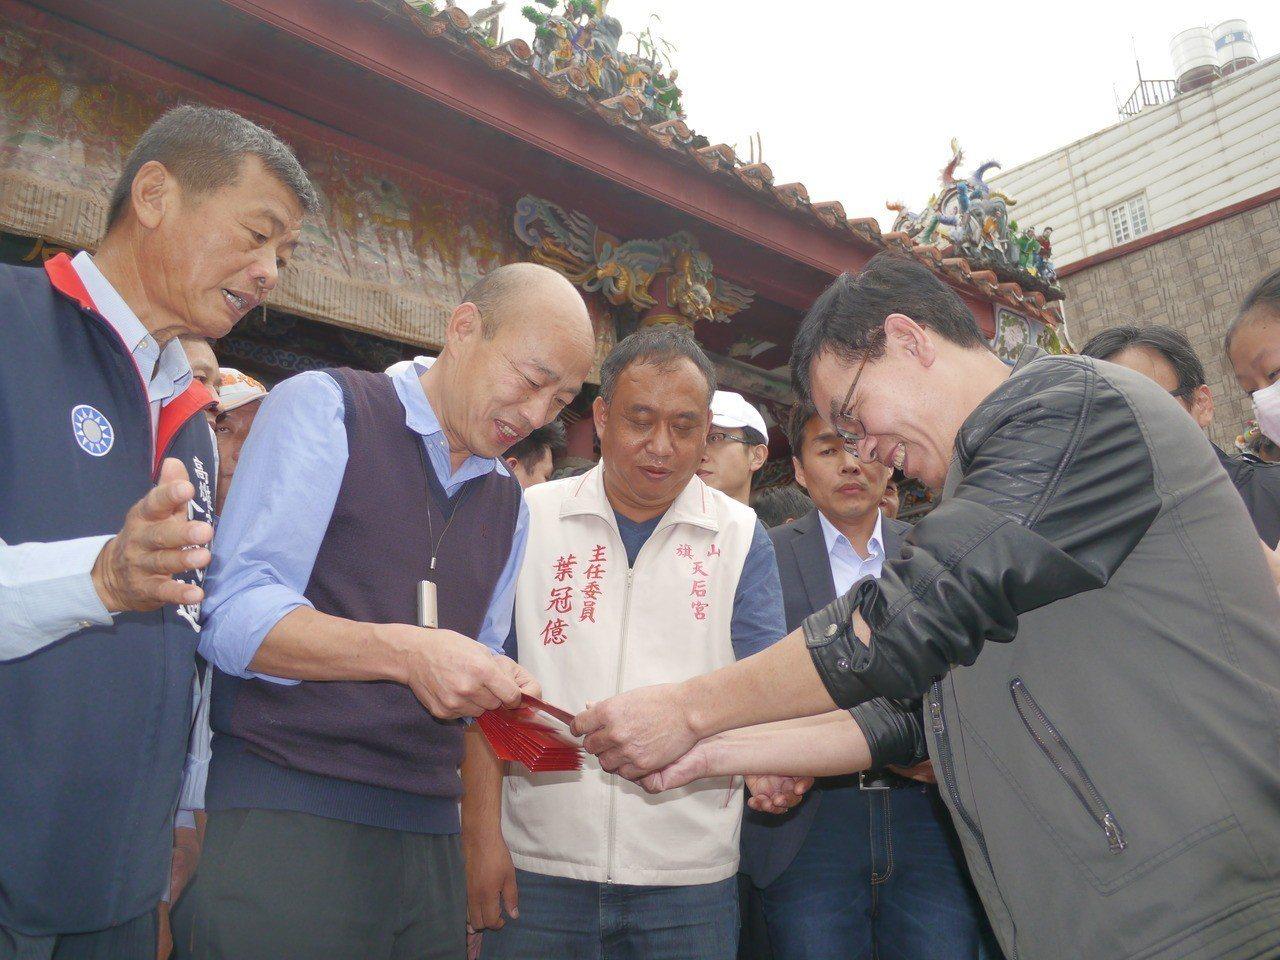 高雄市長韓國瑜到旗山天后宮發送過年紅包,熱情鄉親大排長龍。記者徐白櫻/攝影